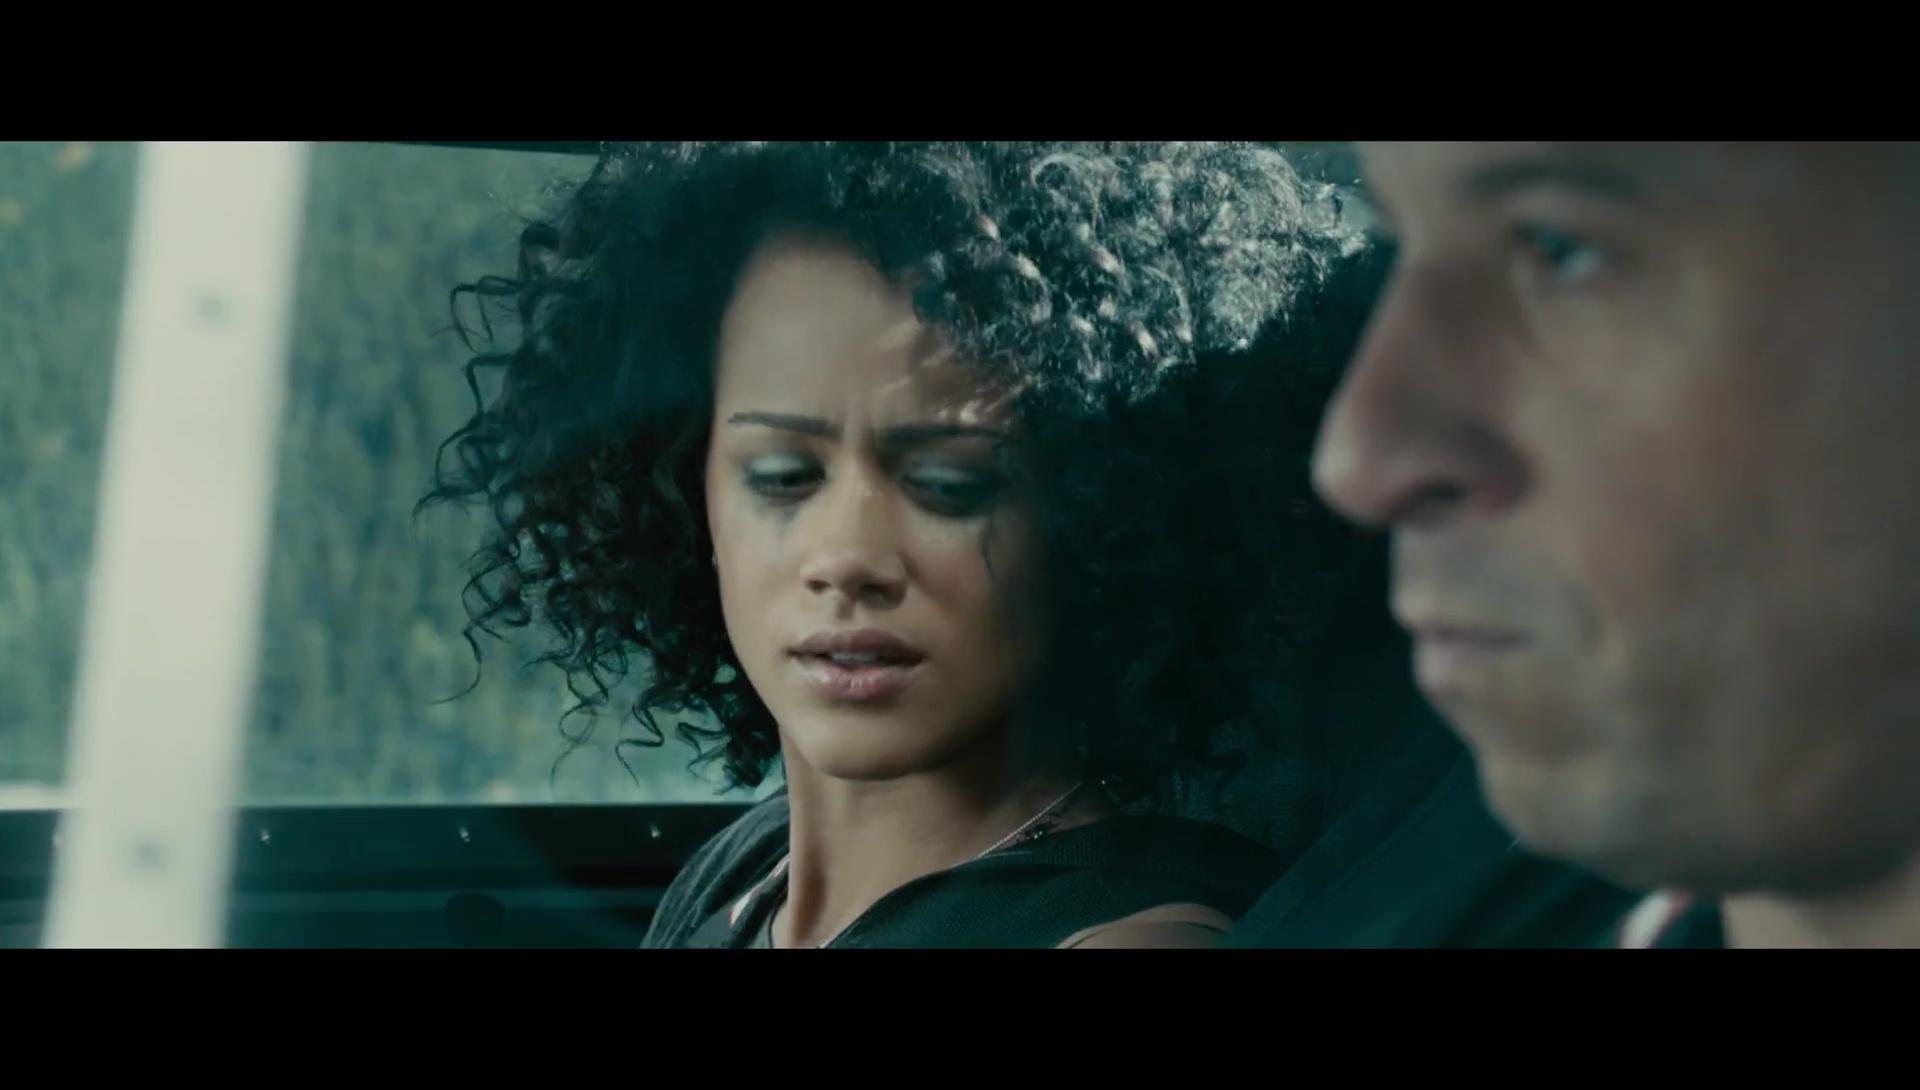 Rapido Y Furioso 7 1080p Lat-Cast-Ing 5.1 (2015)